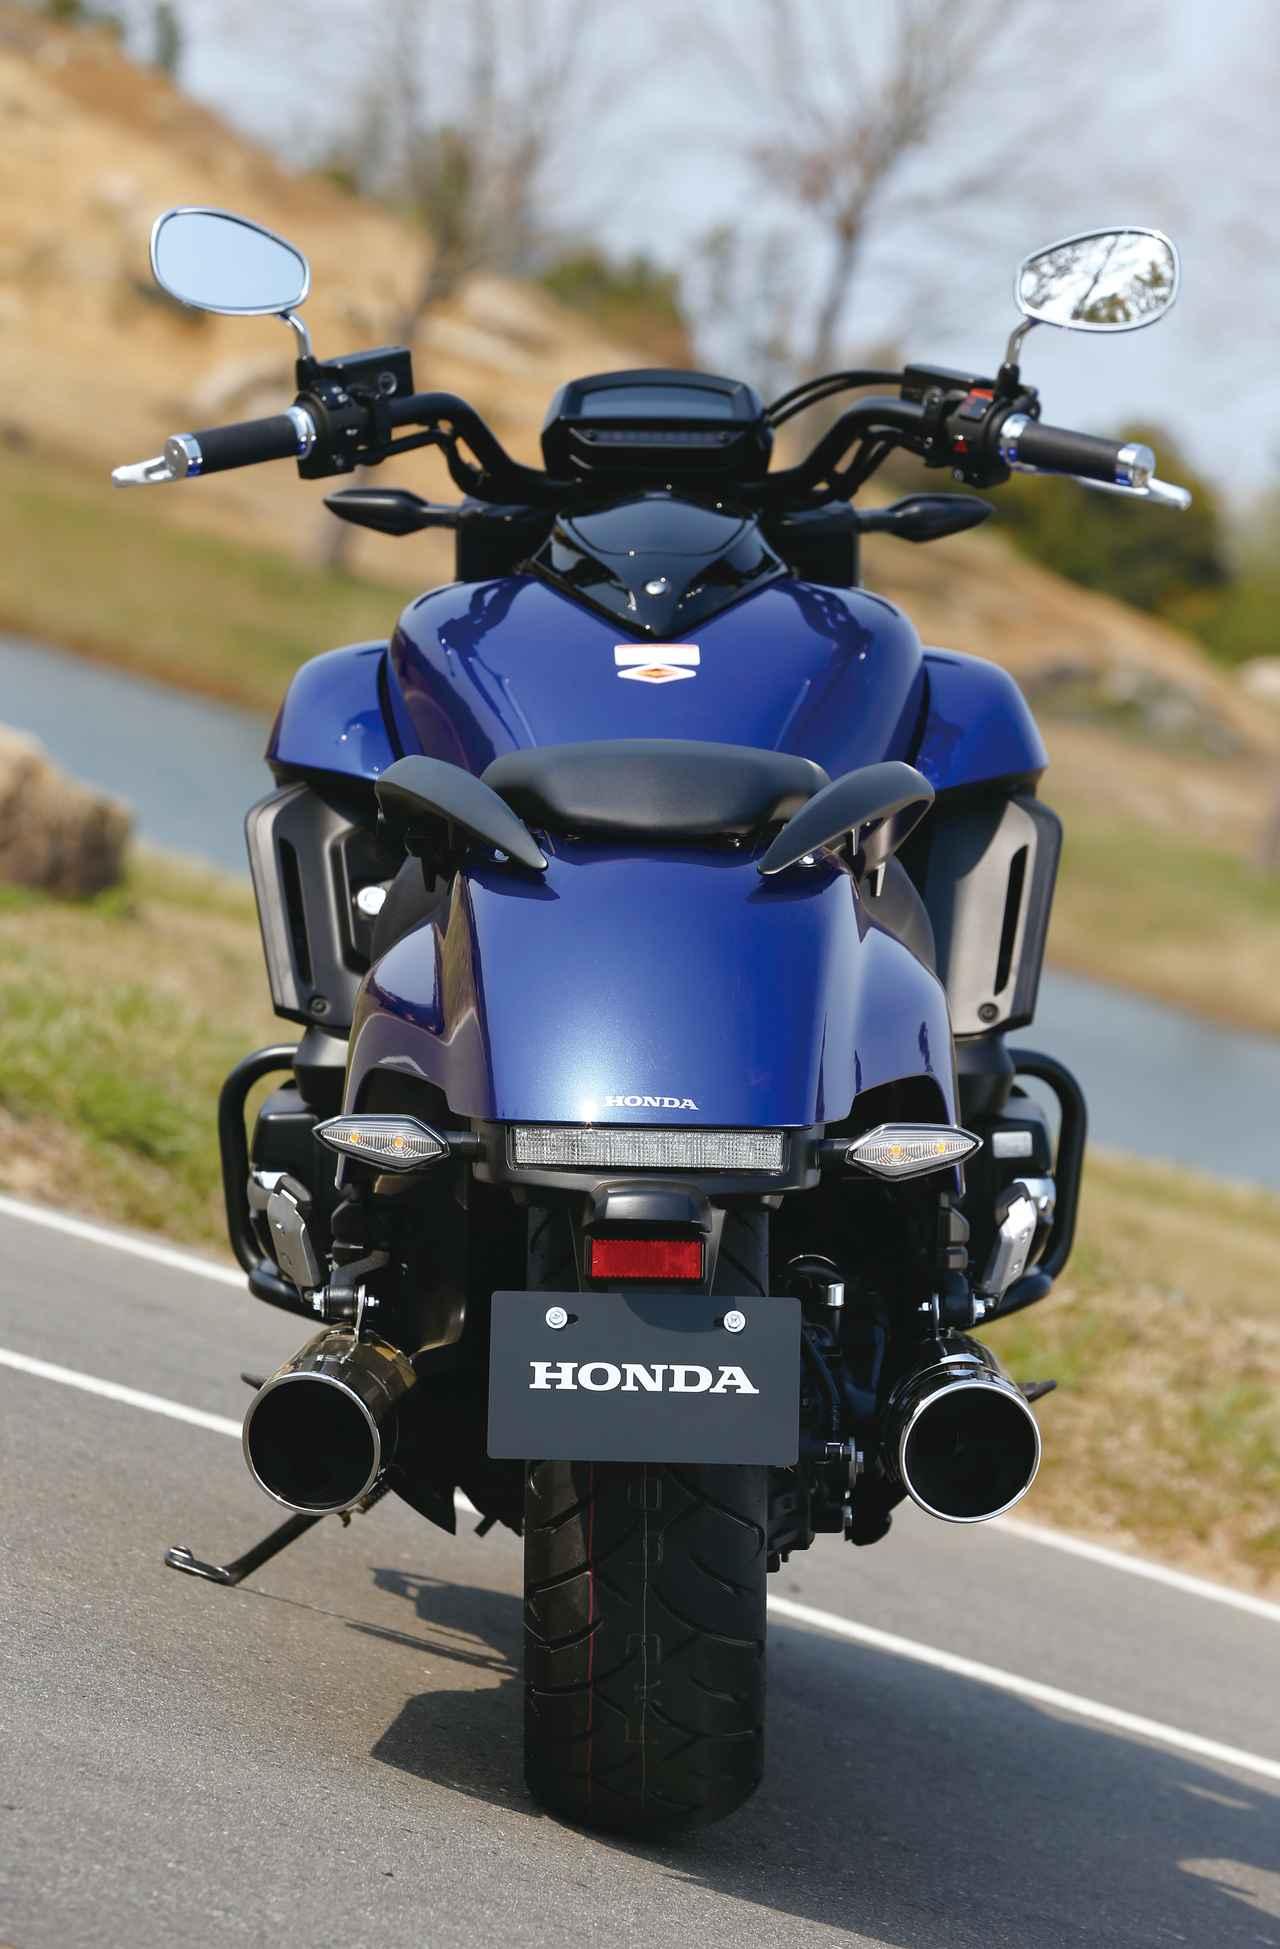 Images : 9番目の画像 - 「F6Cのデザインは「猛獣が獲物に襲いかかるイメージ」をモチーフにしている『HONDA GOLDWING F6C』(2014年)」のアルバム - webオートバイ